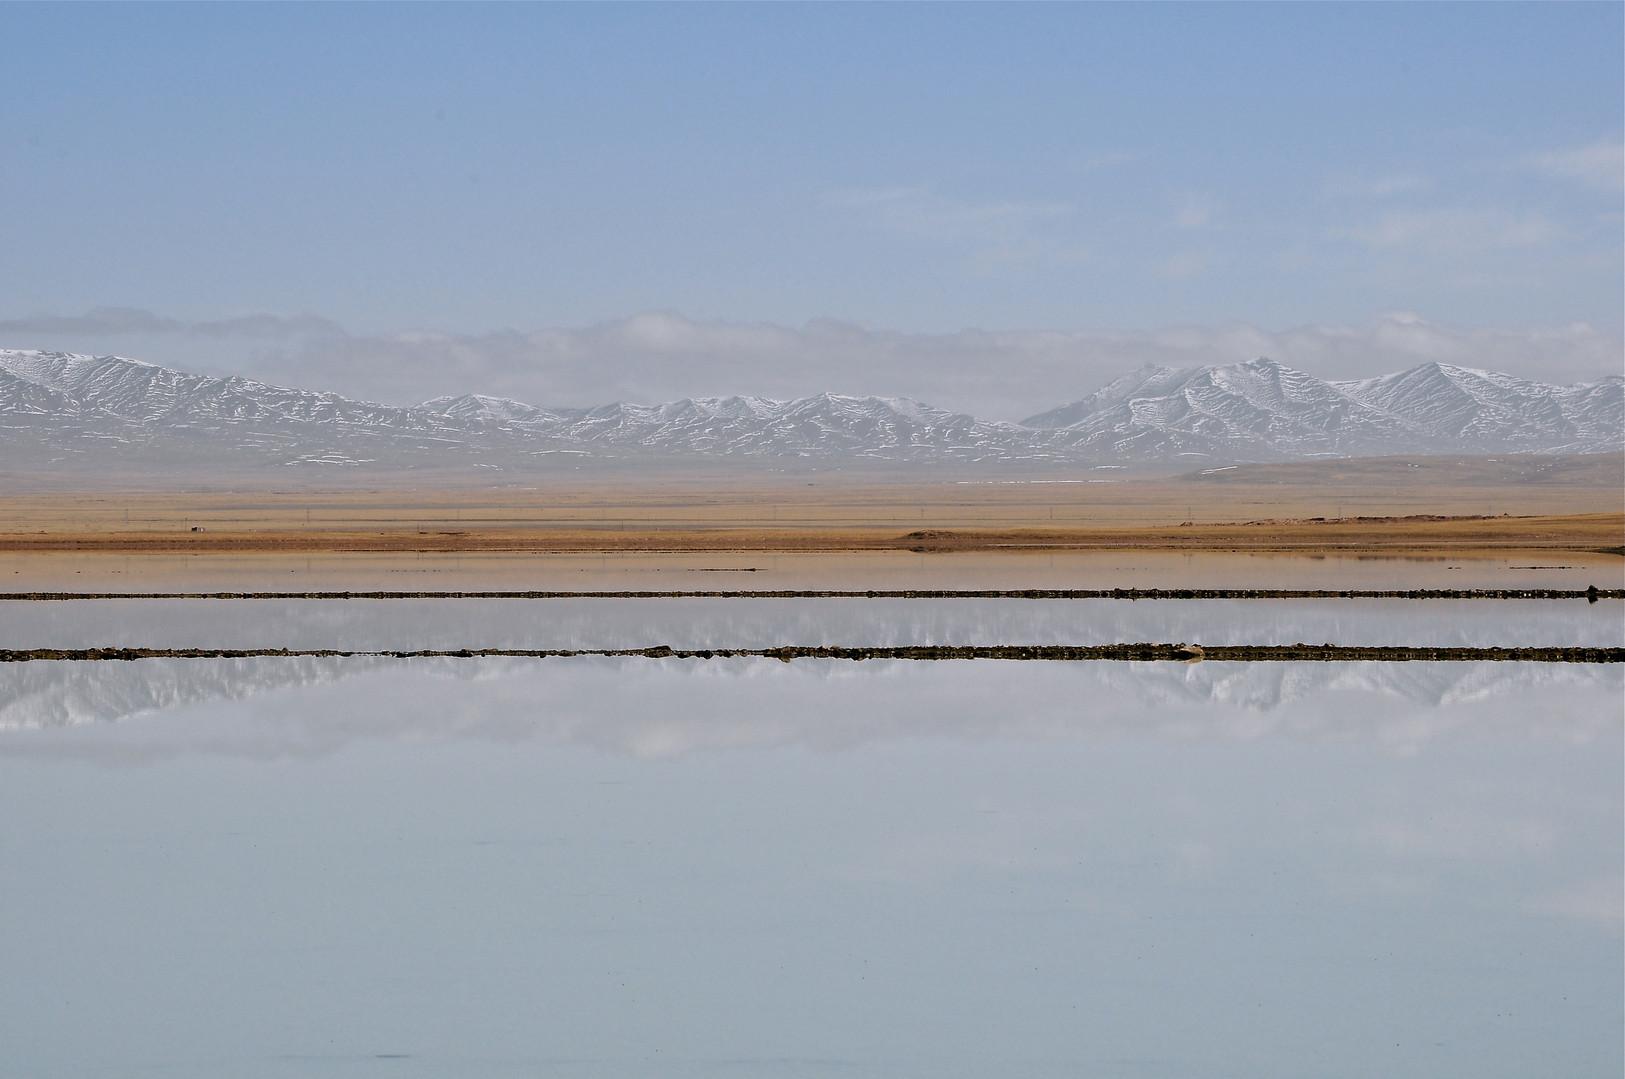 Salt Lake Heights - Qinghai